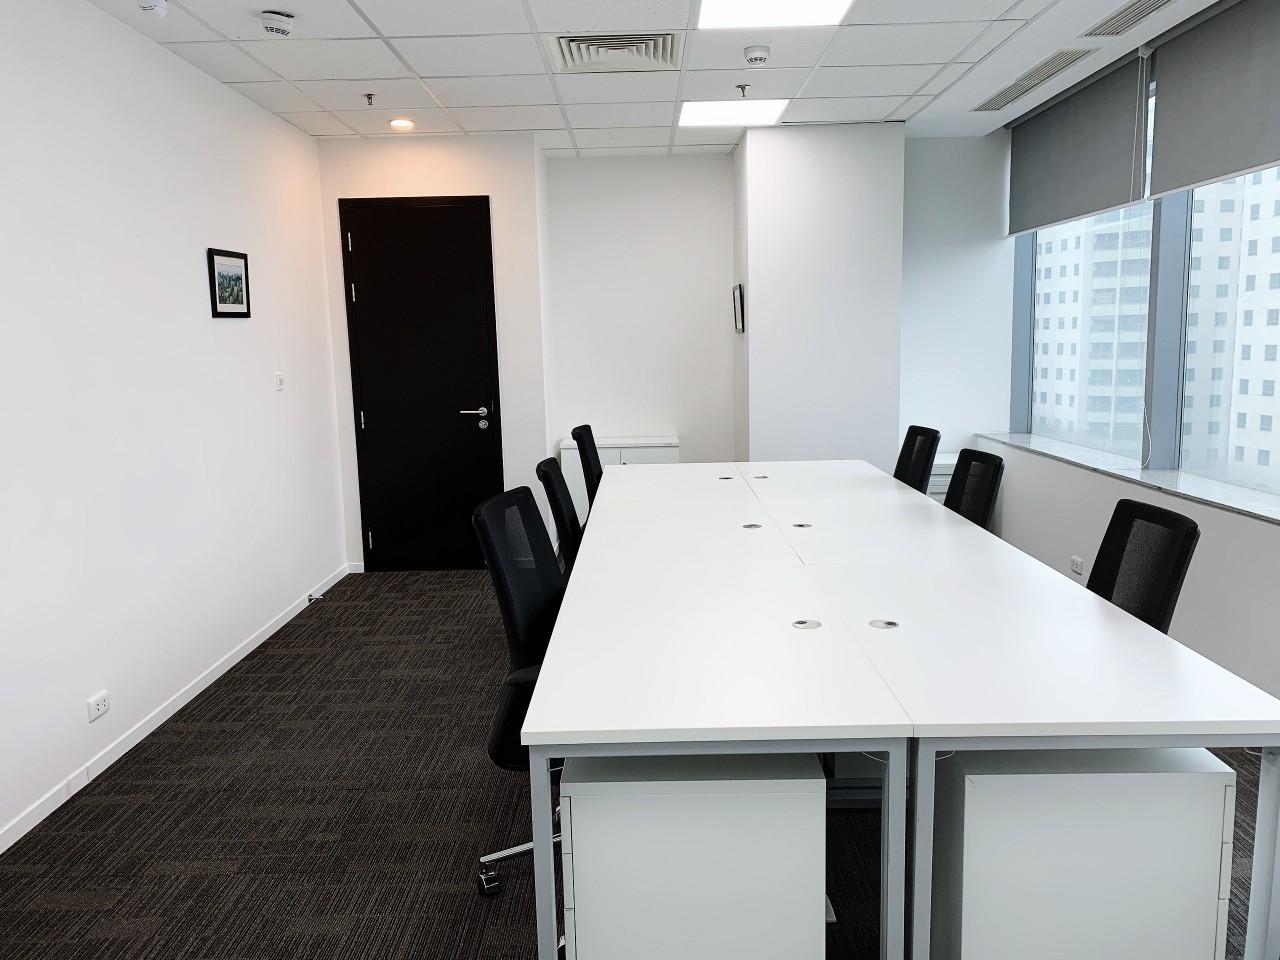 Cho thuê văn phòng từ 2-15 nhân viên - Tòa nhà Hạng A Diamond Flower - Trung tâm Quận Thanh Xuân